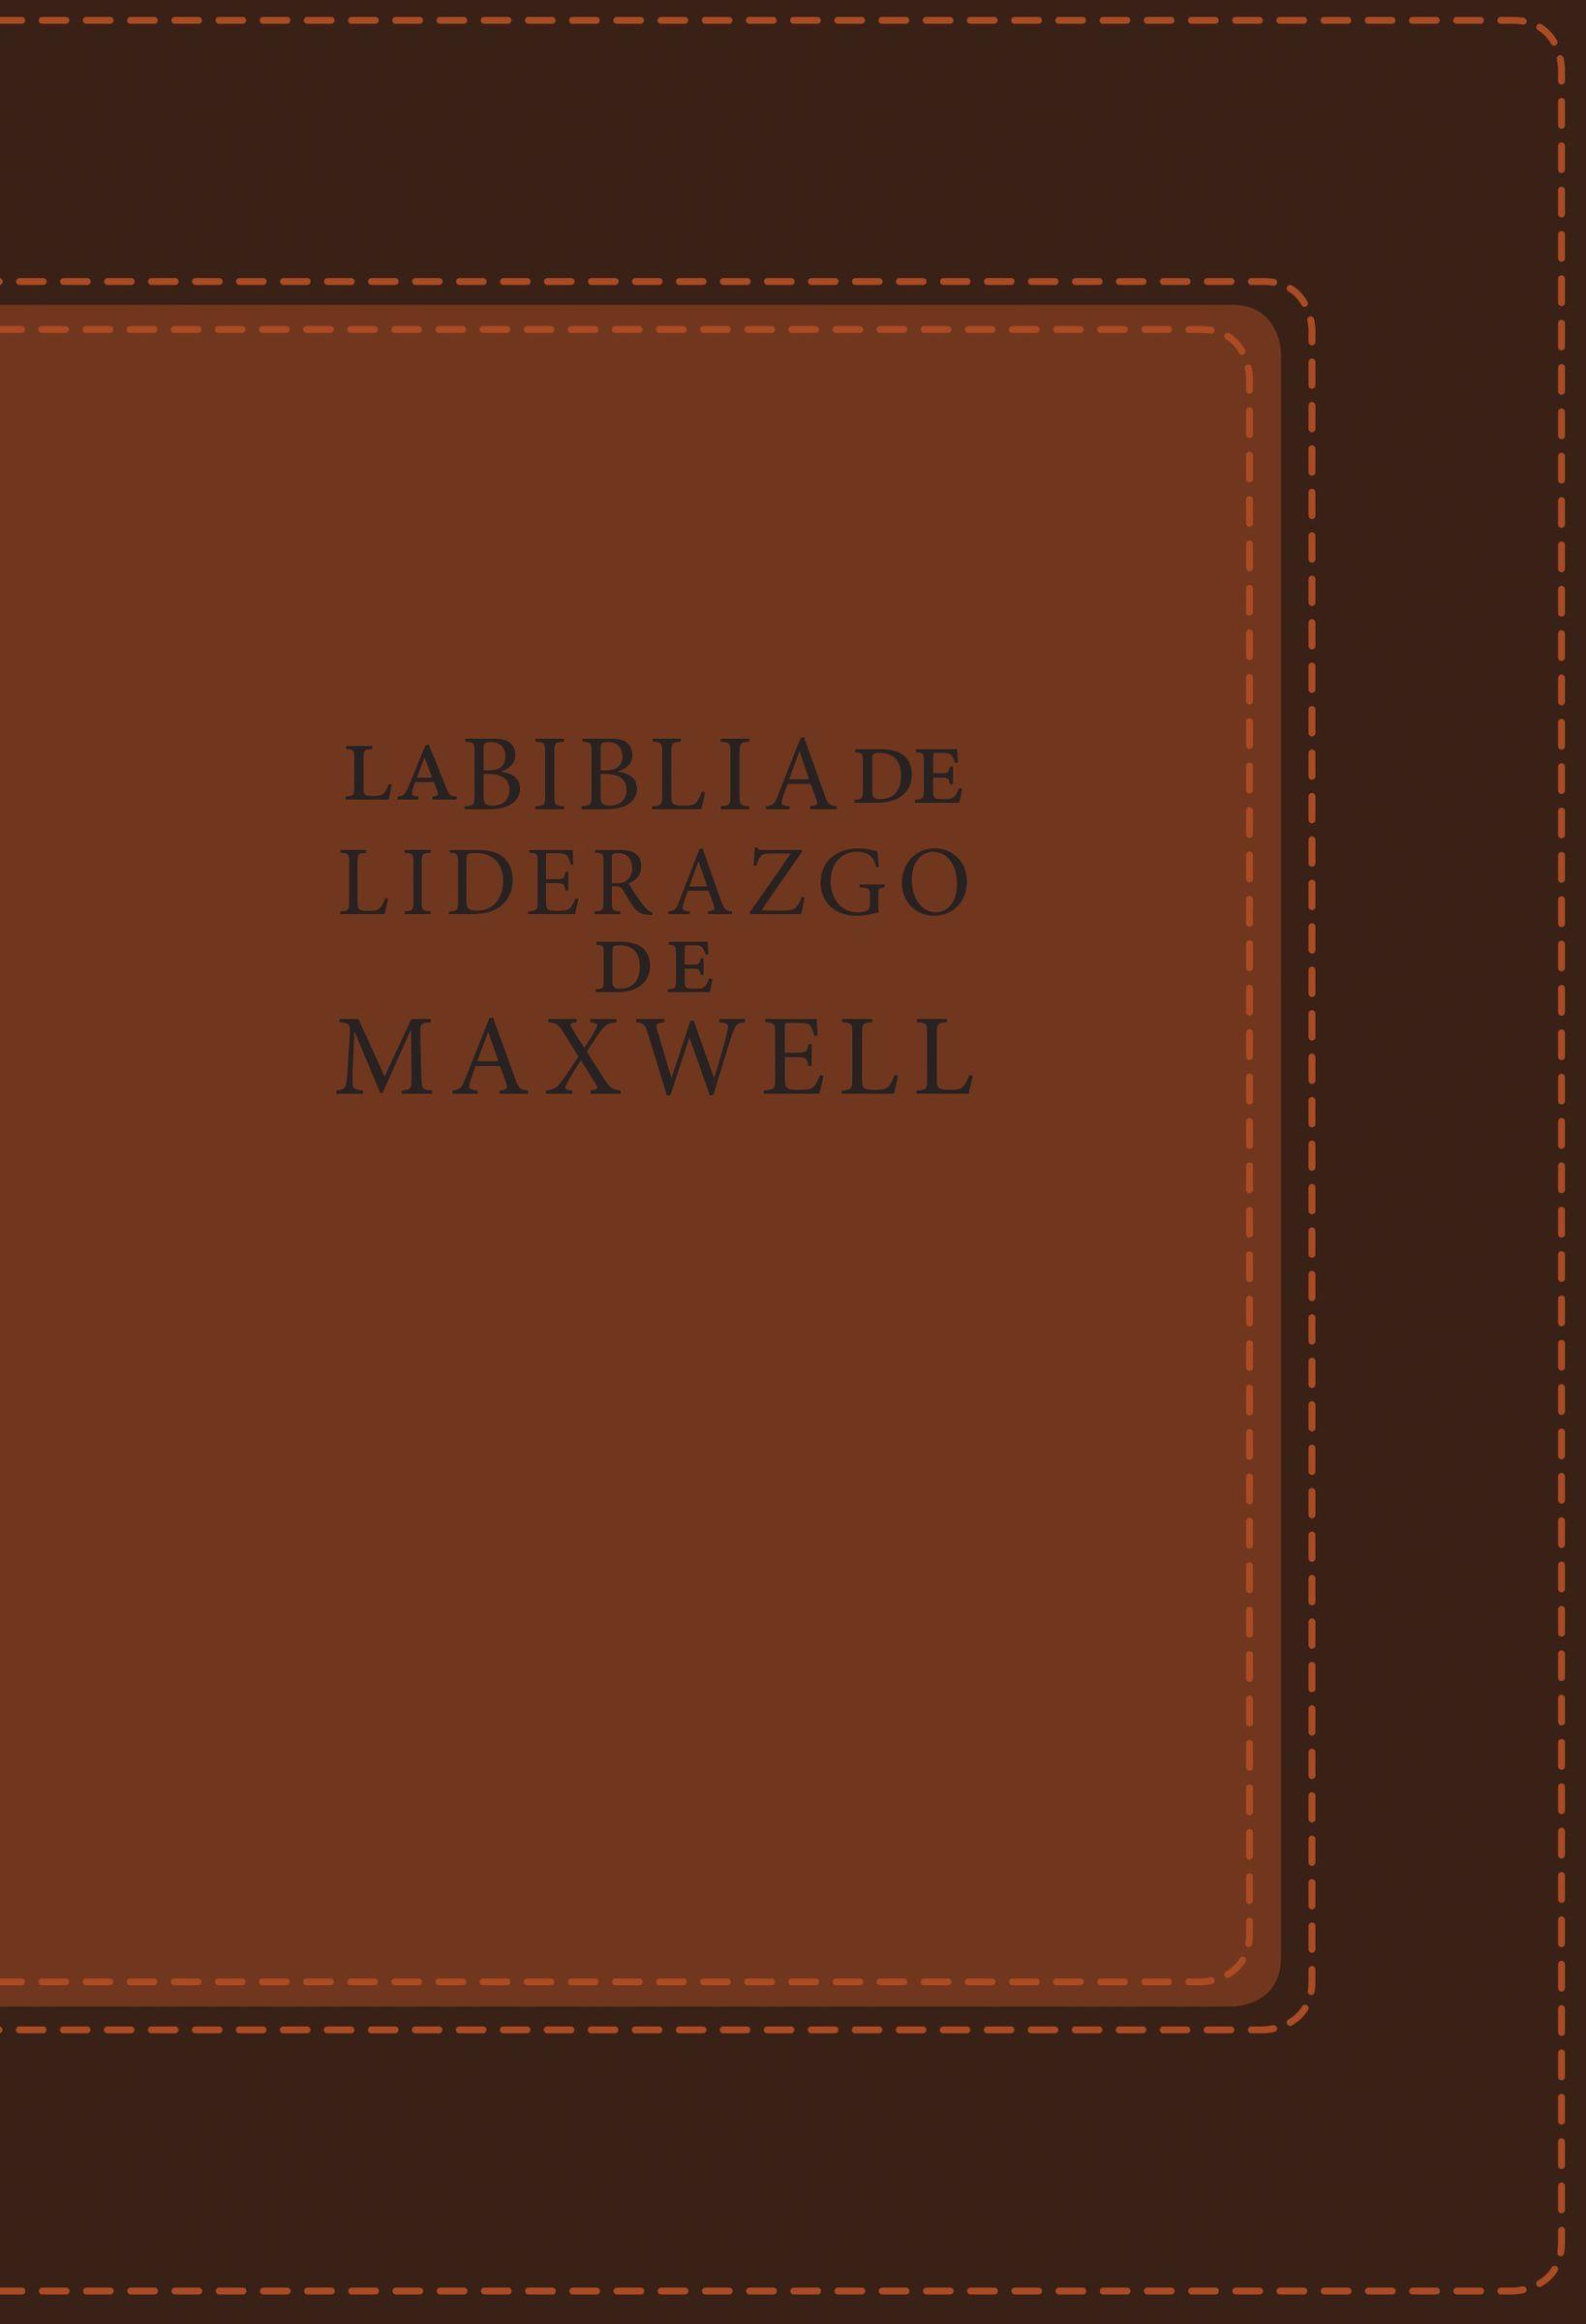 La Biblia de liderazgo de Maxwell  by  John C. Maxwell